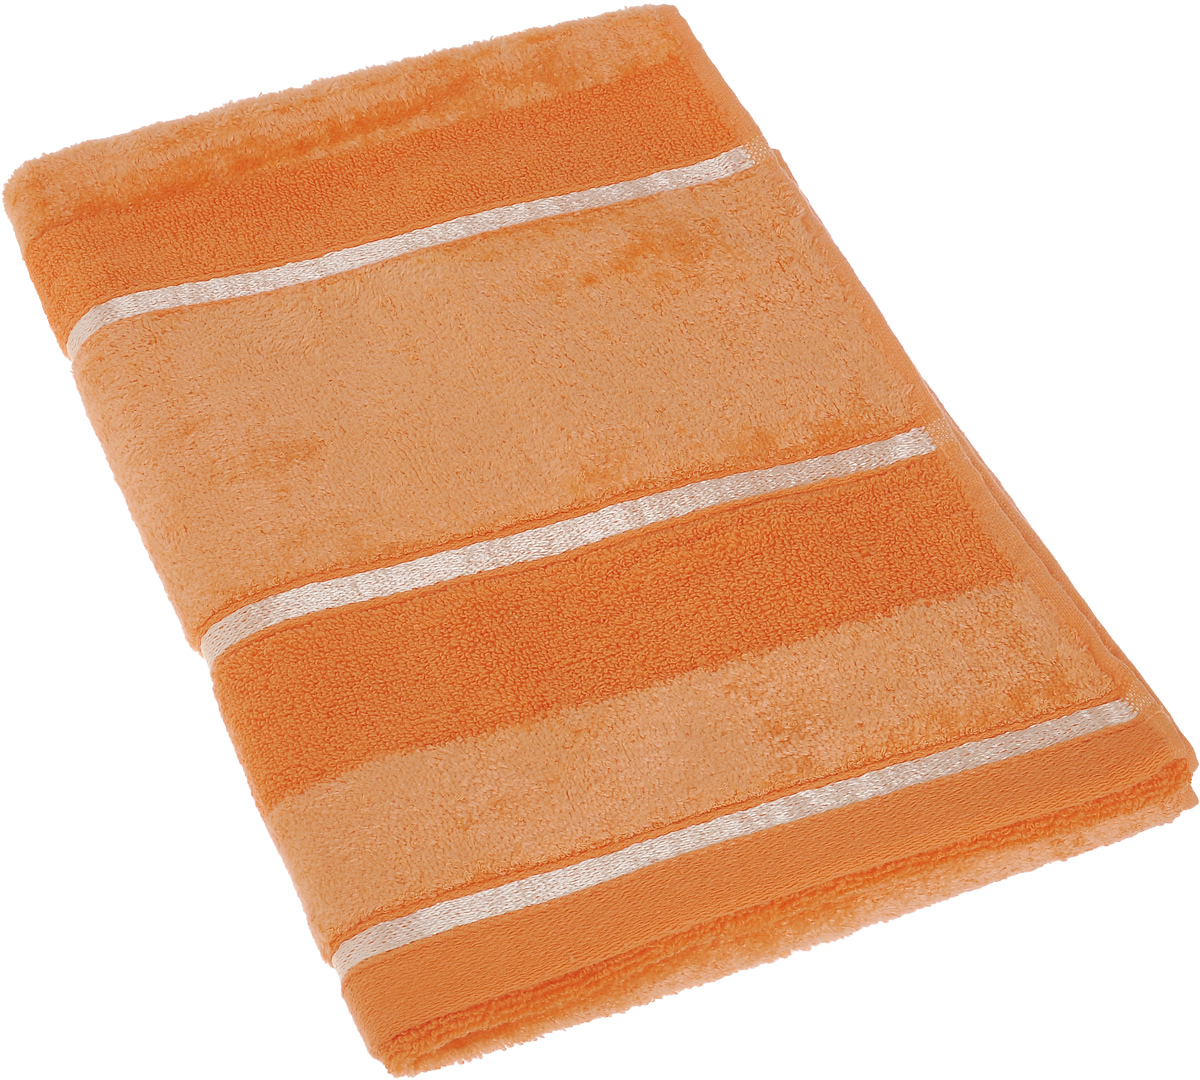 Полотенце Soavita Louise, цвет: оранжевый, 50 х 90 см74-0060Полотенце Soavita Louise выполнено из 100% хлопка. Все детали качественно прошиты, ткань очень плотная, не линяет и держится много лет. Изделие отлично впитывает влагу, быстро сохнет, сохраняет яркость цвета и не теряет форму даже после многократных стирок. Полотенце очень практично и неприхотливо в уходе. Оно создаст прекрасное настроение и украсит интерьер в ванной комнате.